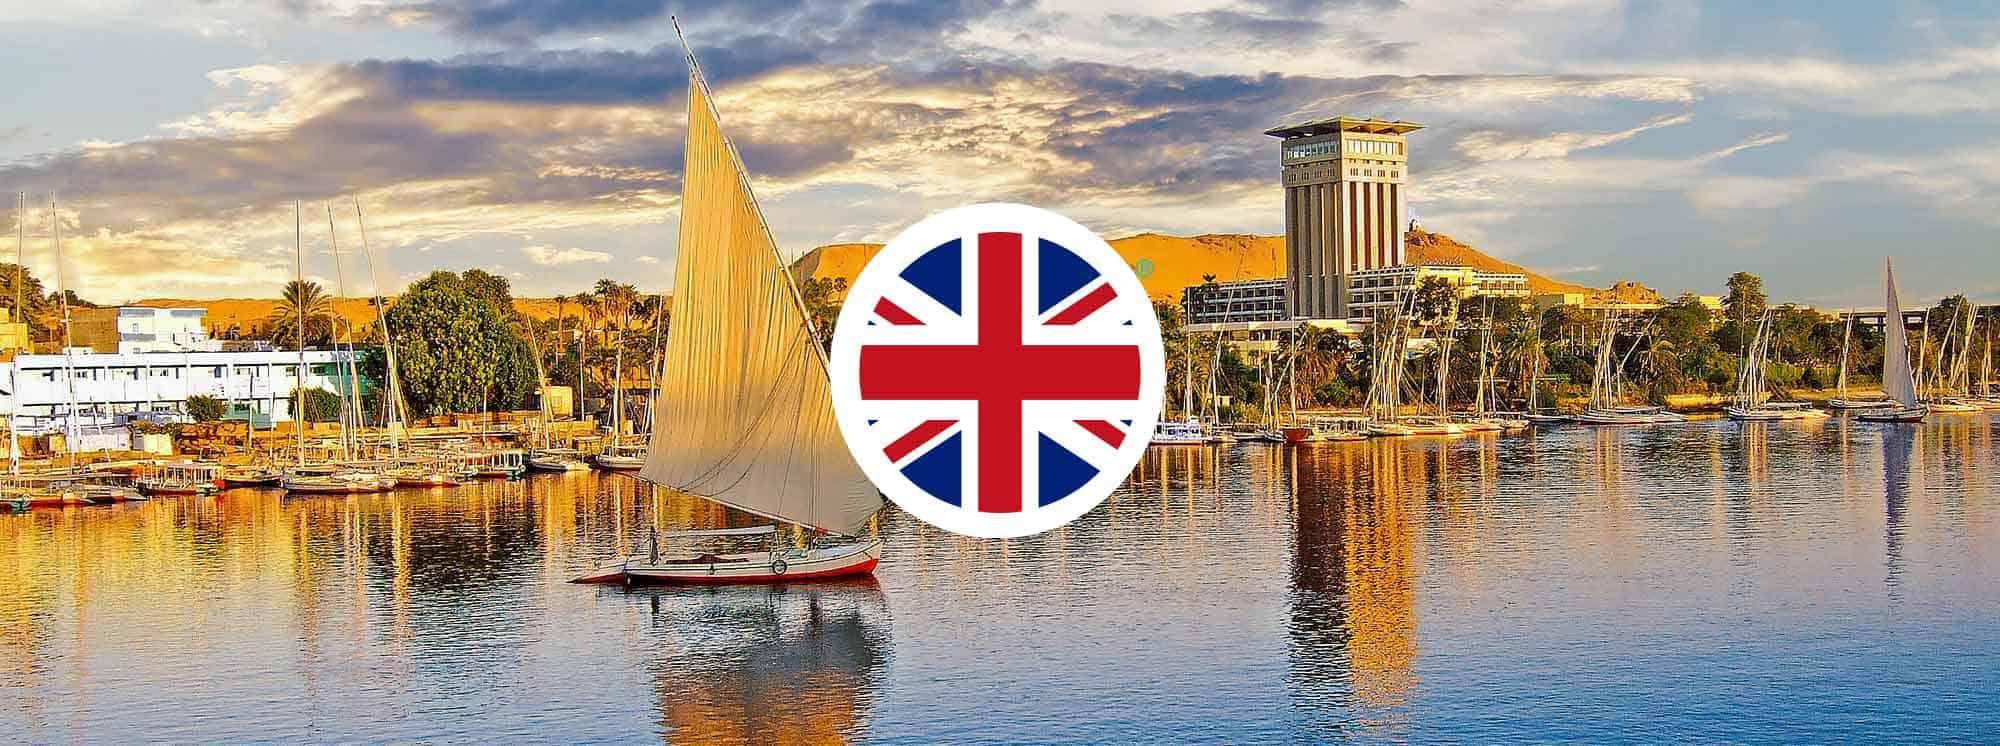 Top British Schools in Egypt